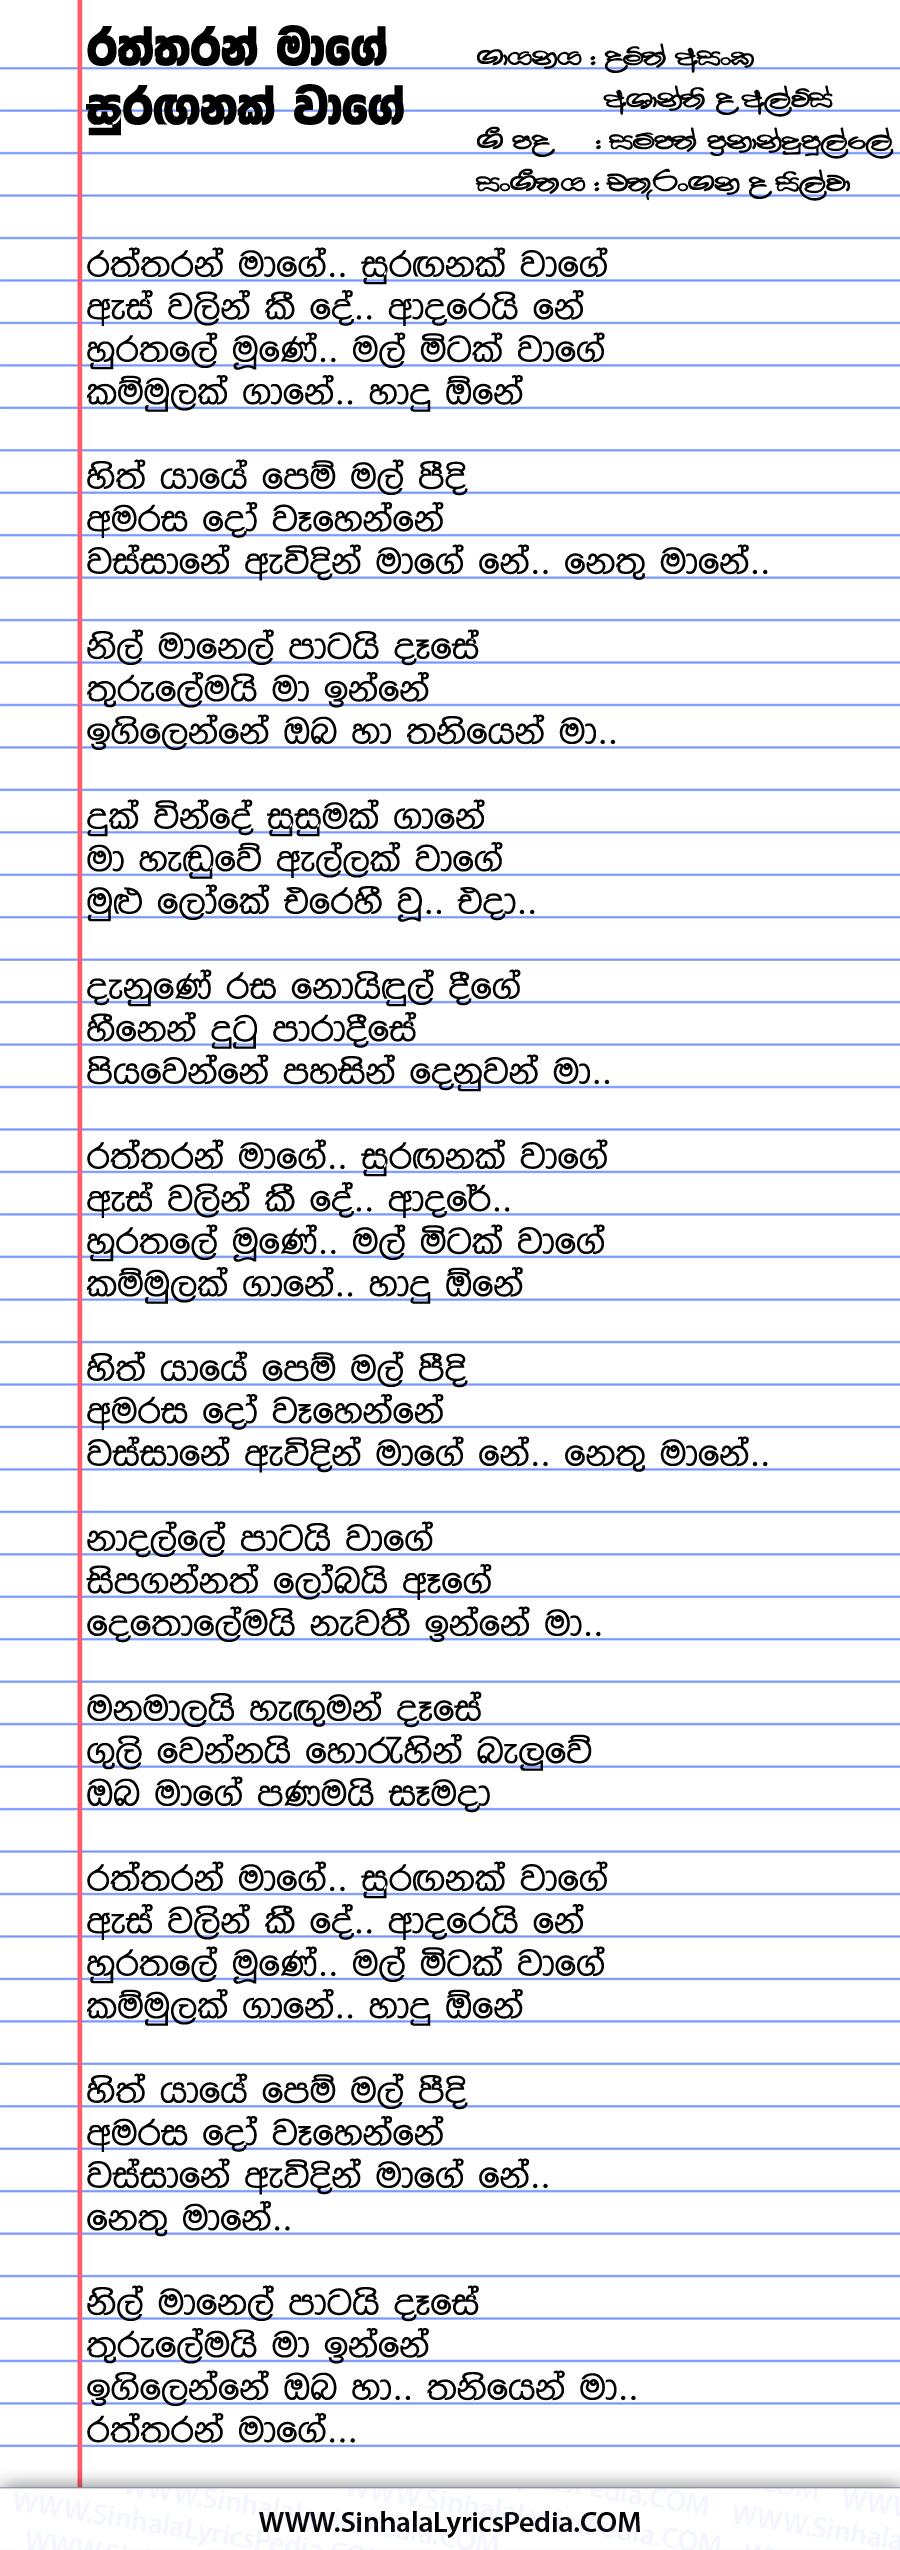 Raththaran Mage Suraganak Wage Song Lyrics